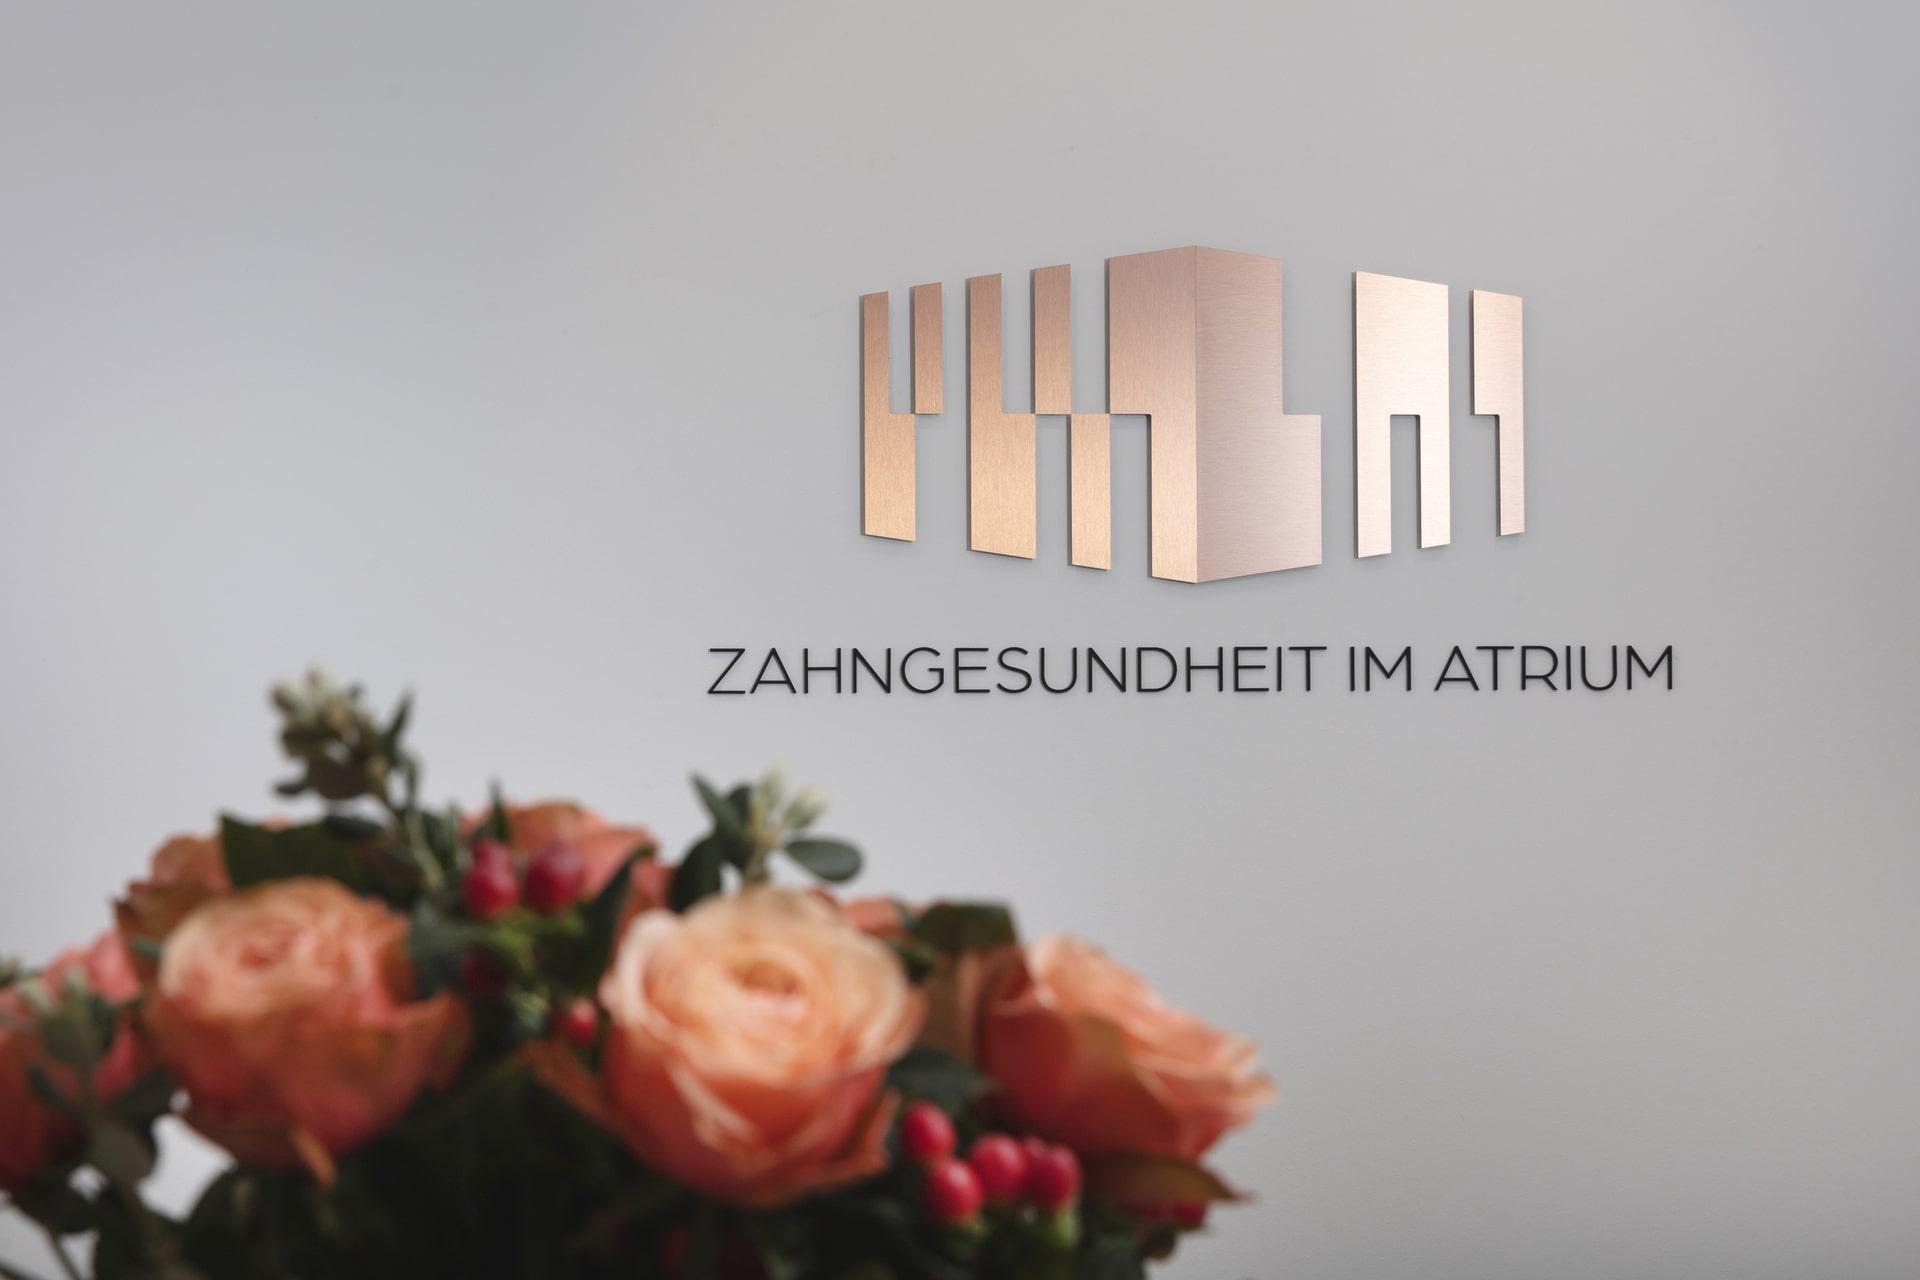 Zahnarzt Innsbruck | Atrium - Moderne Zahnheilkunde